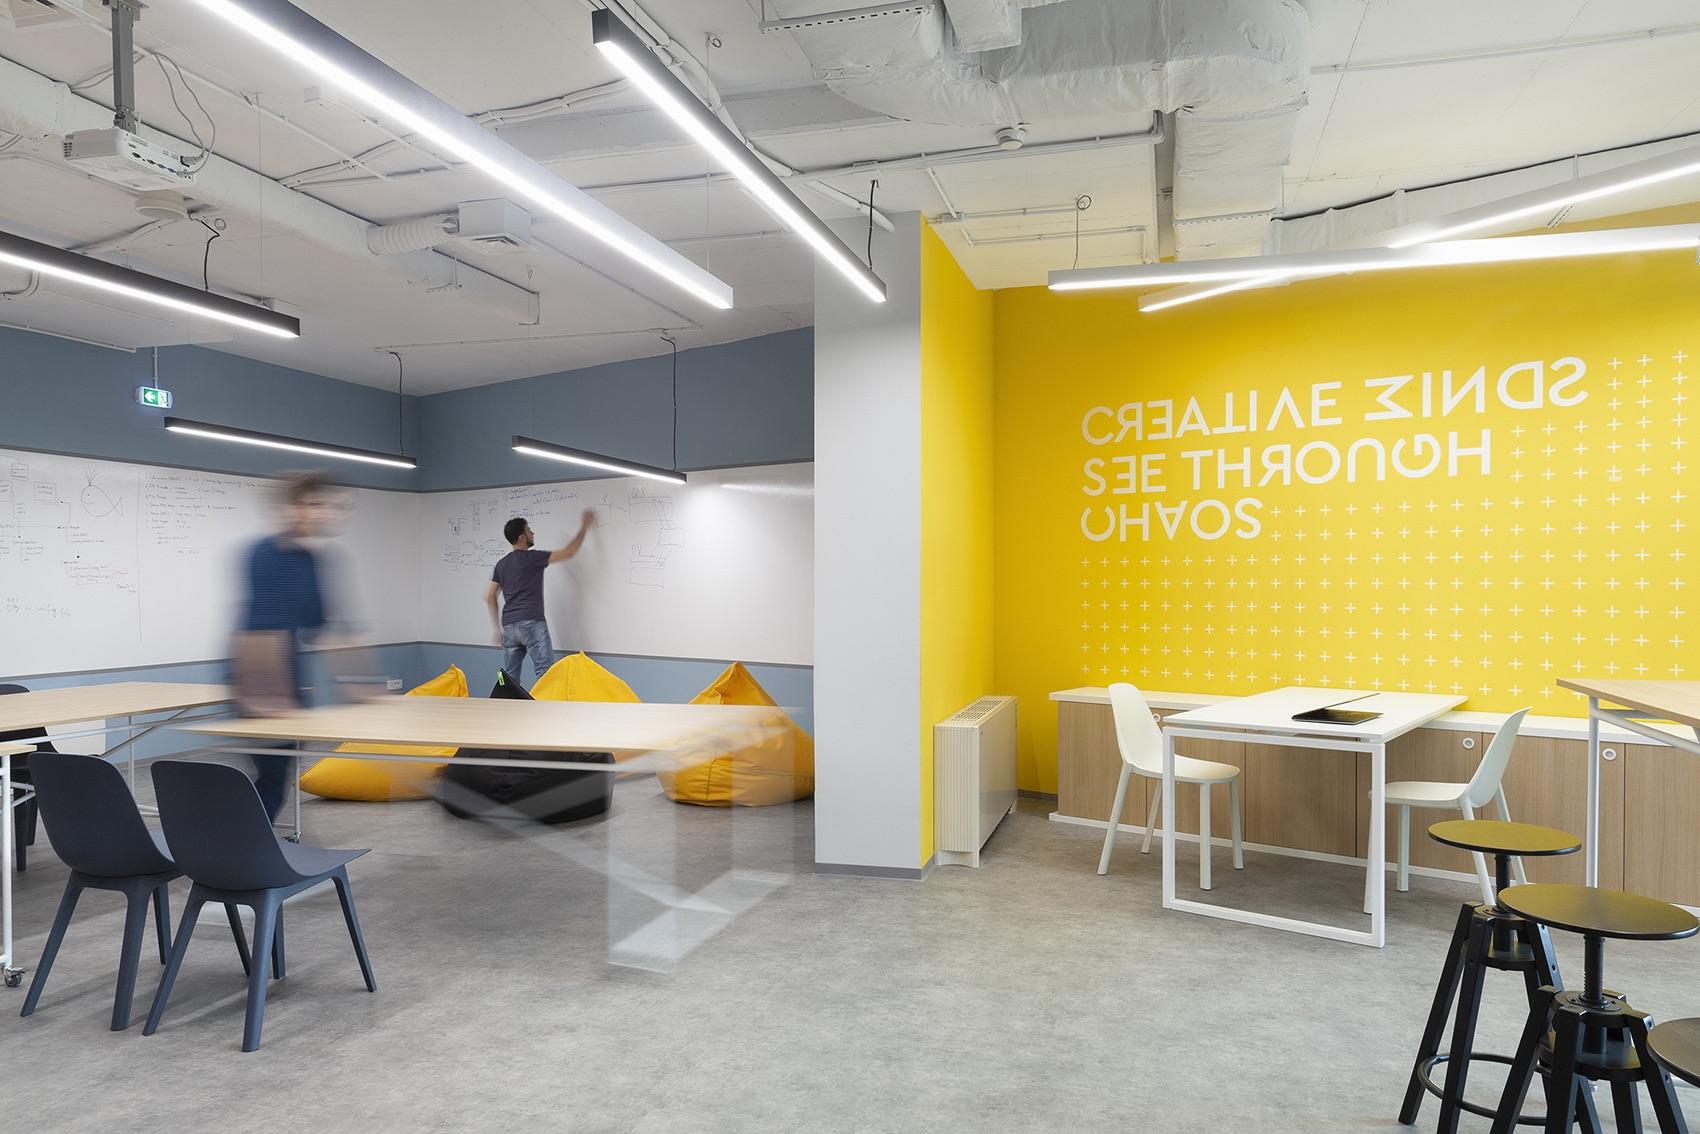 cache-atelier-interior-design-office-space-accedia-bulgaria-sofia_11